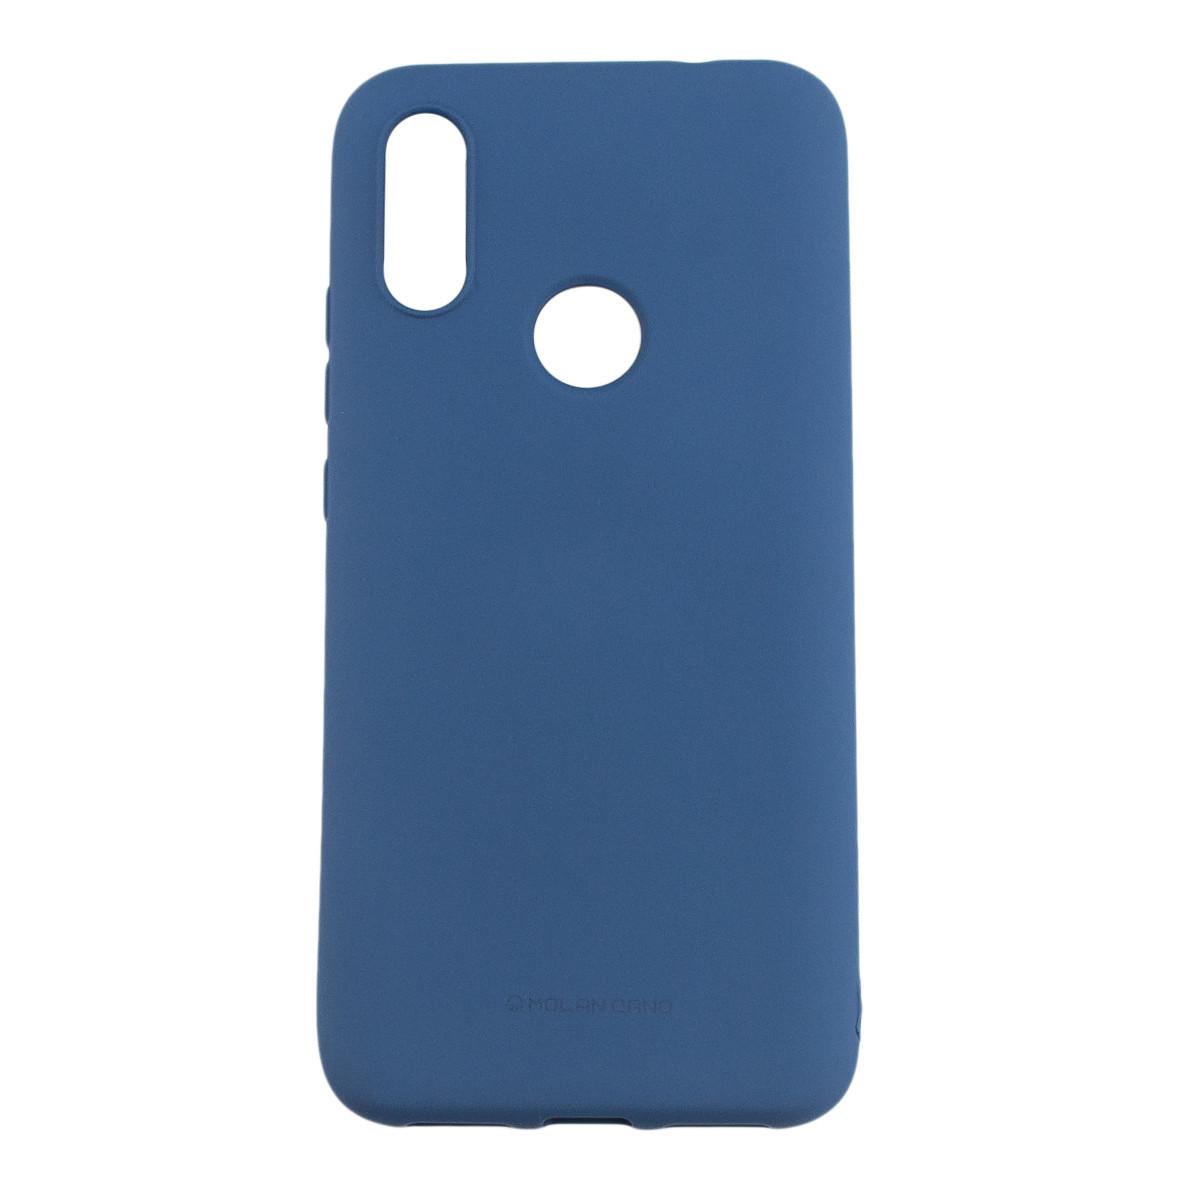 Оригинальный силиконовый чехол Molan Cano Jelly Case для Xiaomi Redmi 7 (синий)